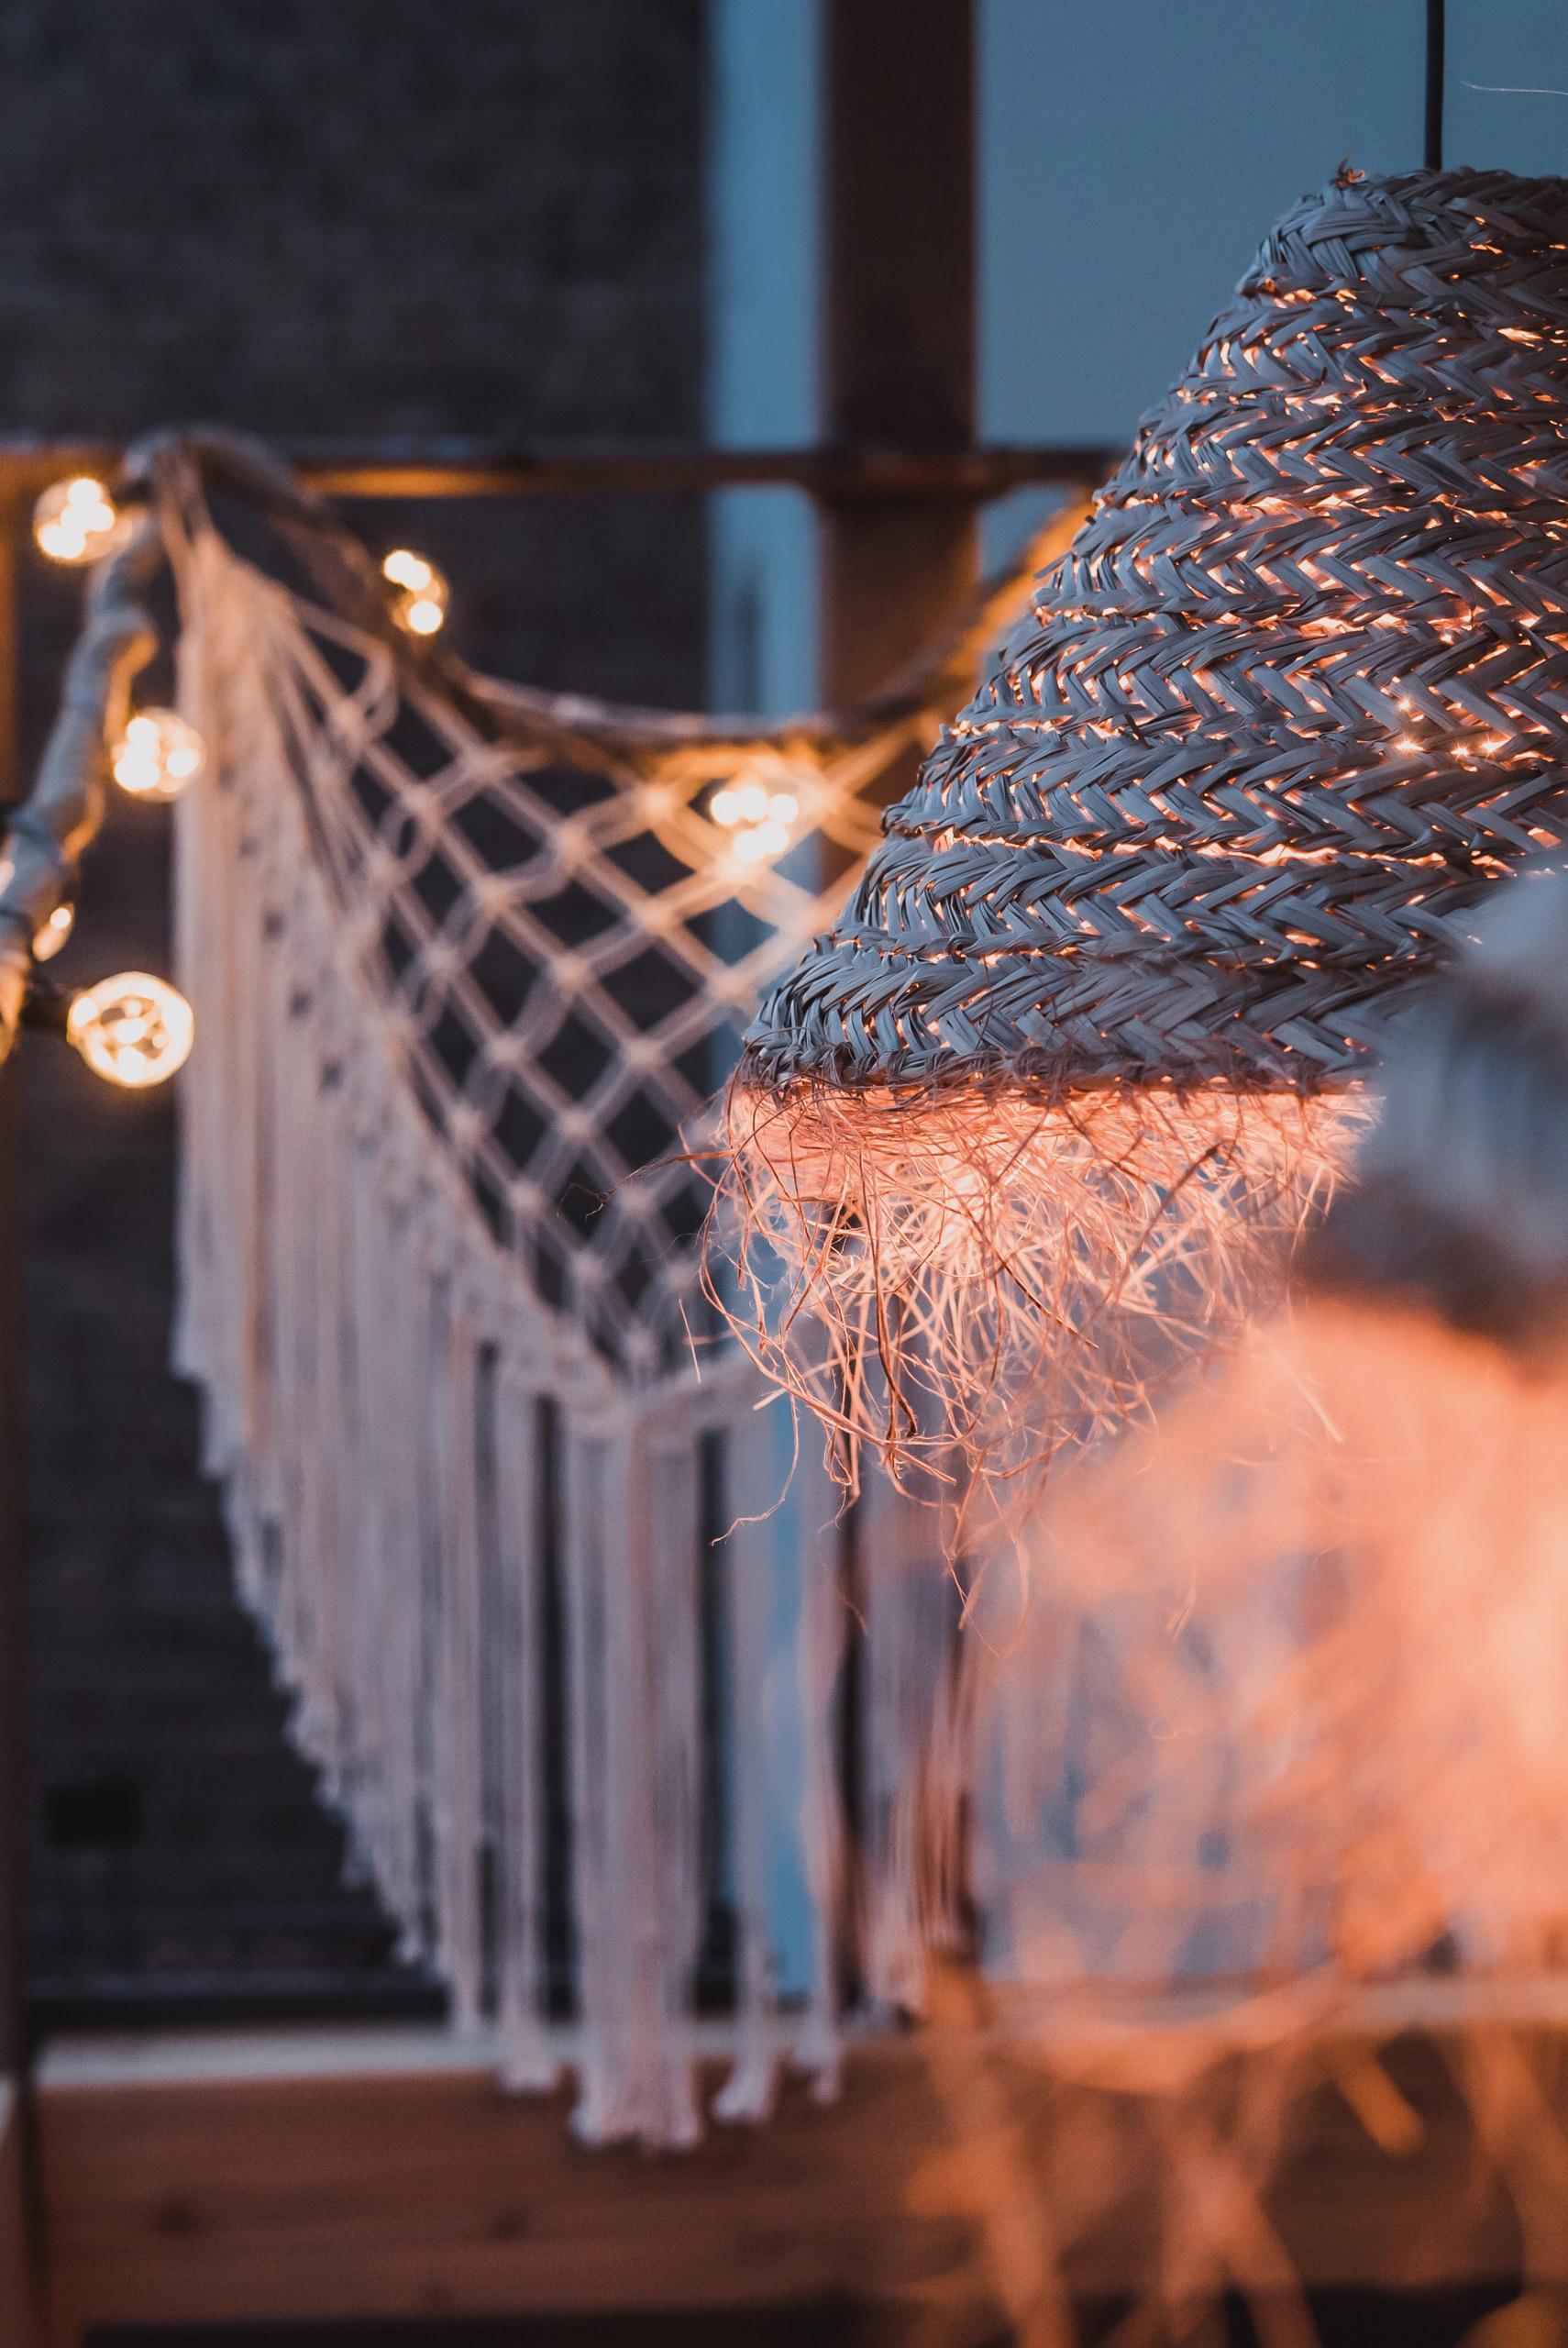 Hol dir Urlaubsfeeling auf den Balkon - Outdoor Interior Juliesdresscode Fashion & Lifestyle Blog